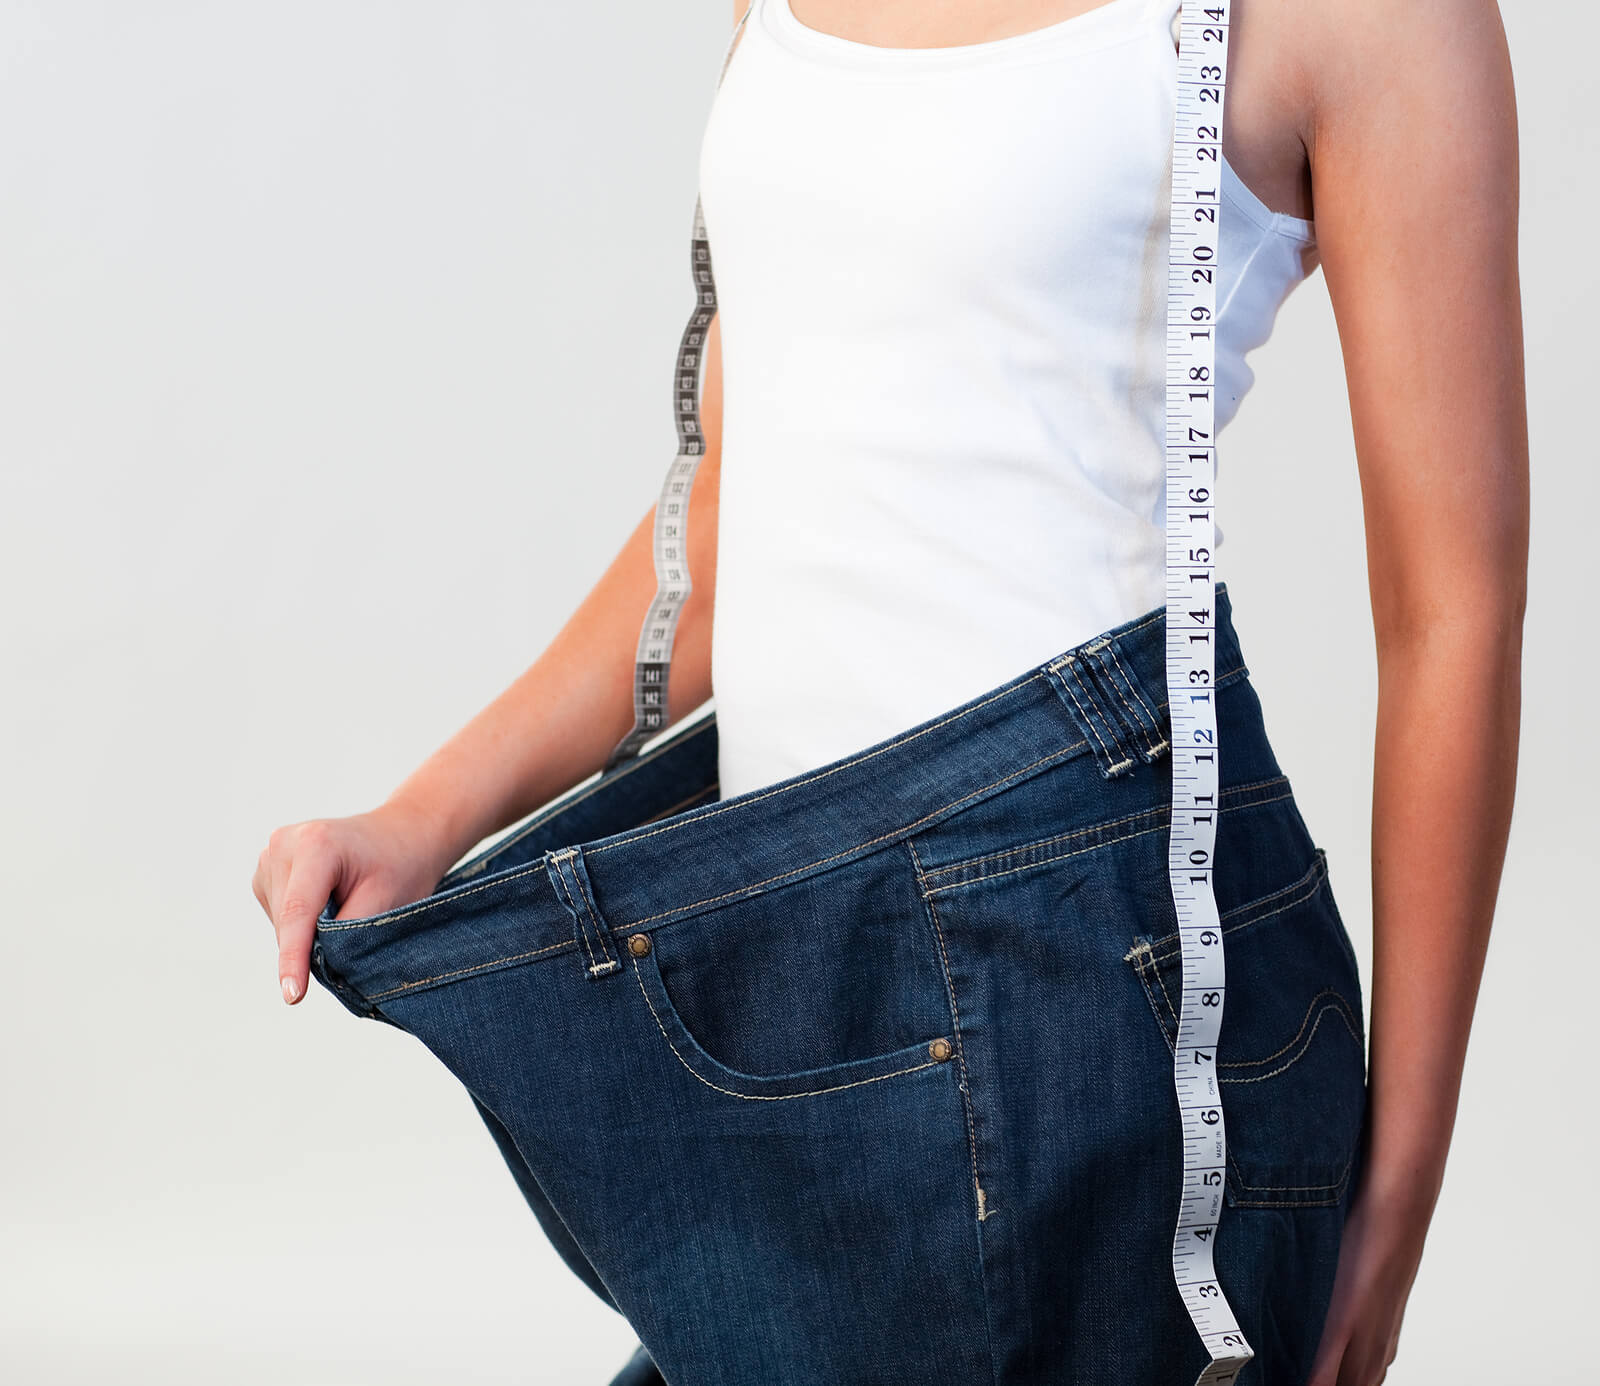 Puedes acelerar tu metabolismo para bajar de peso